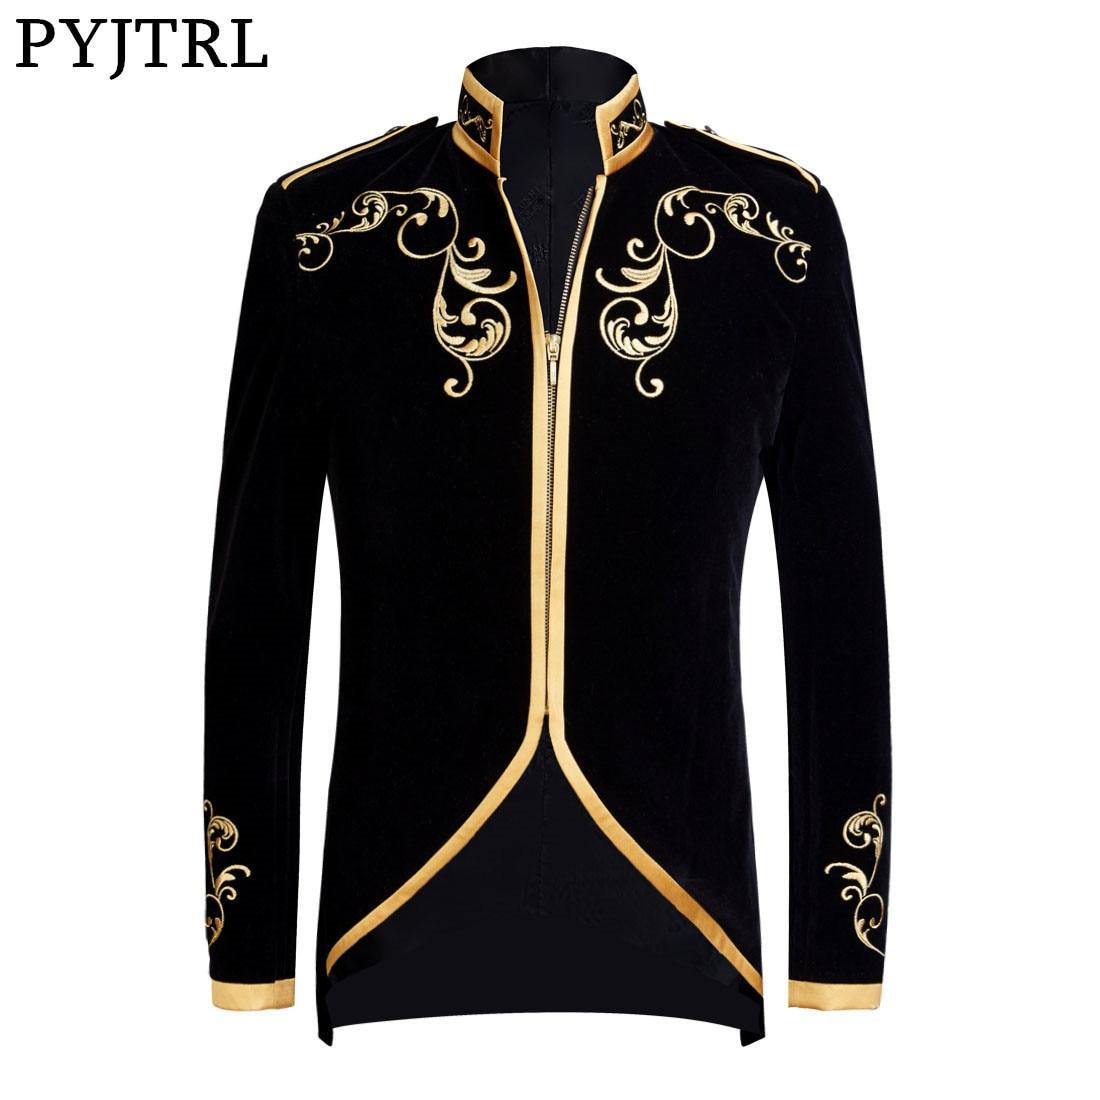 PYJTRL Britischen Stil Palast Prinz Mode Schwarz Samt Gold Stickerei Blazer Hochzeit Bräutigam Slim Fit Anzug Jacke Sänger Mantel